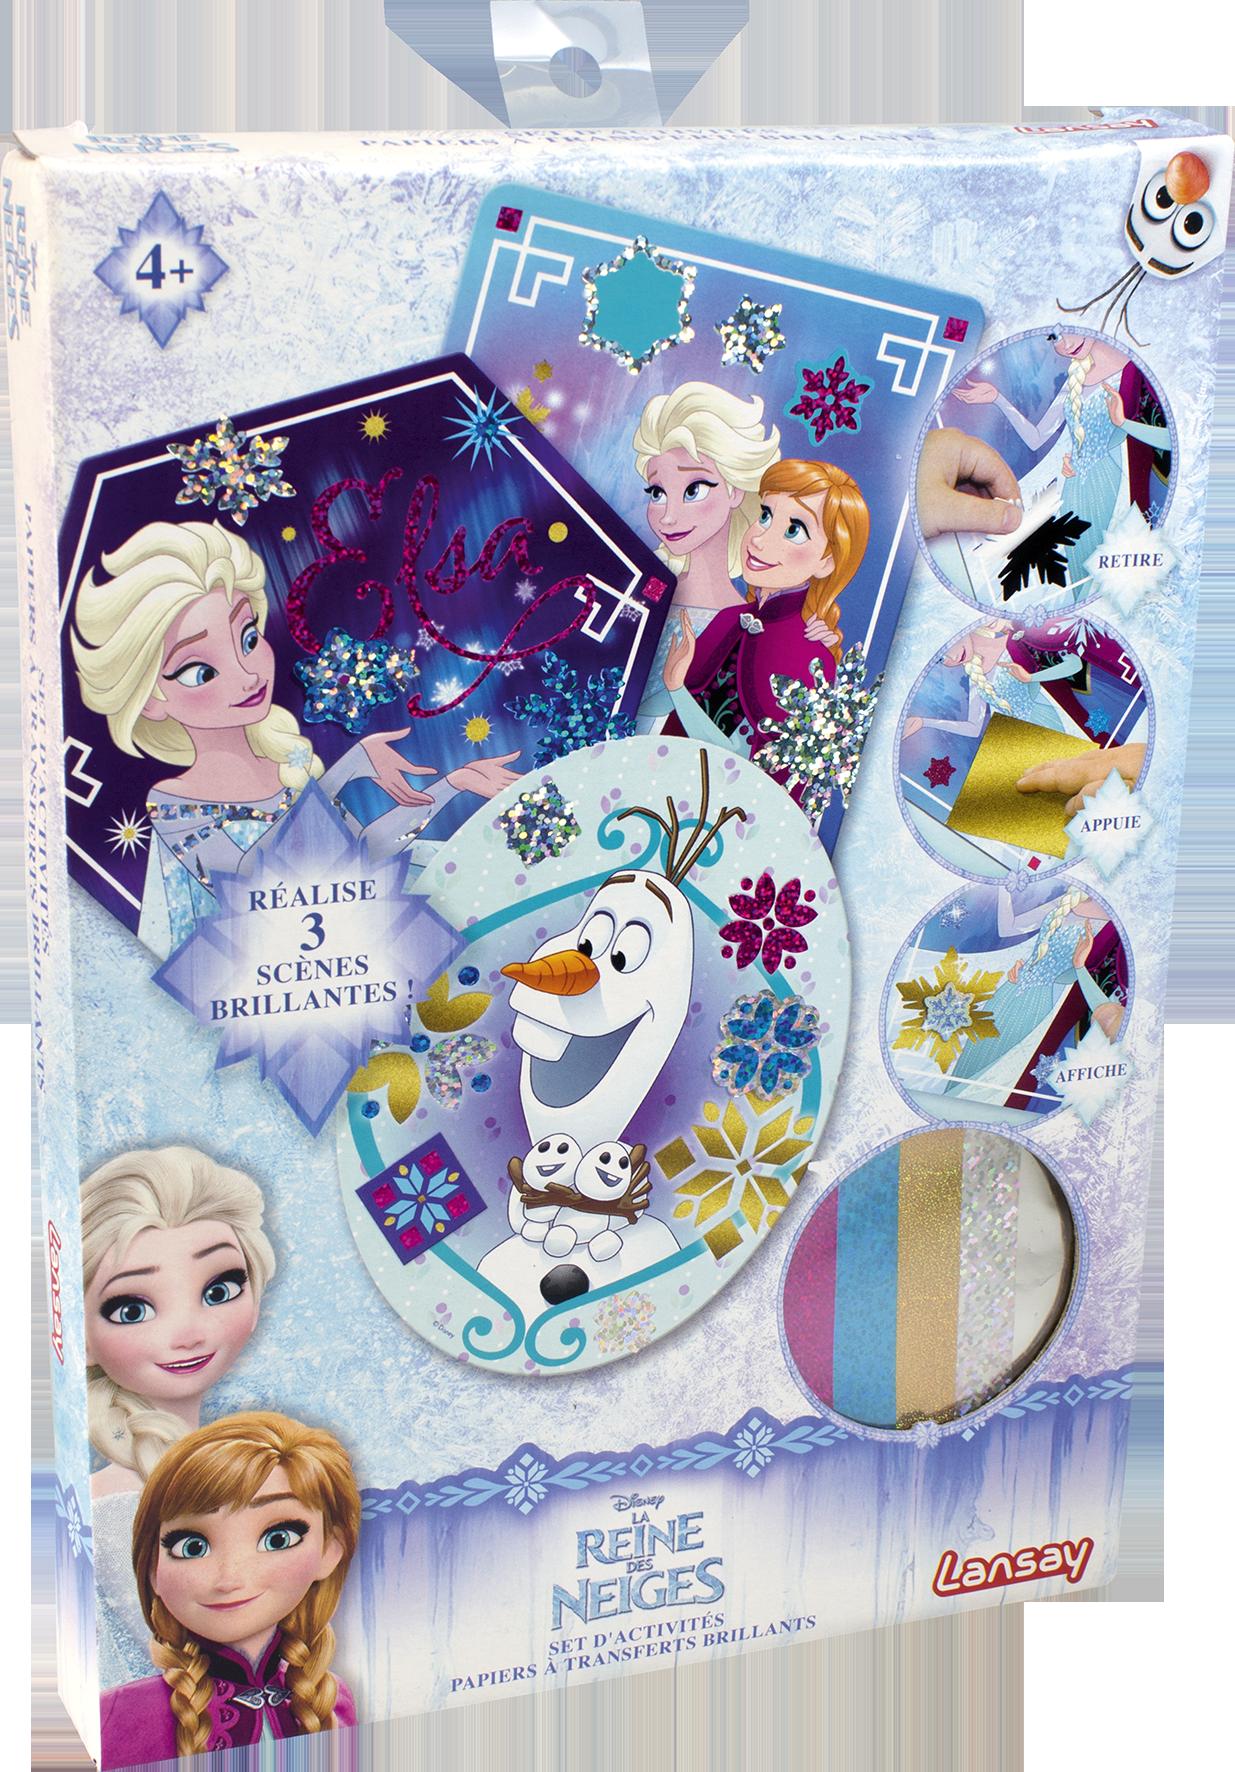 Set d'activités - La reine des neiges